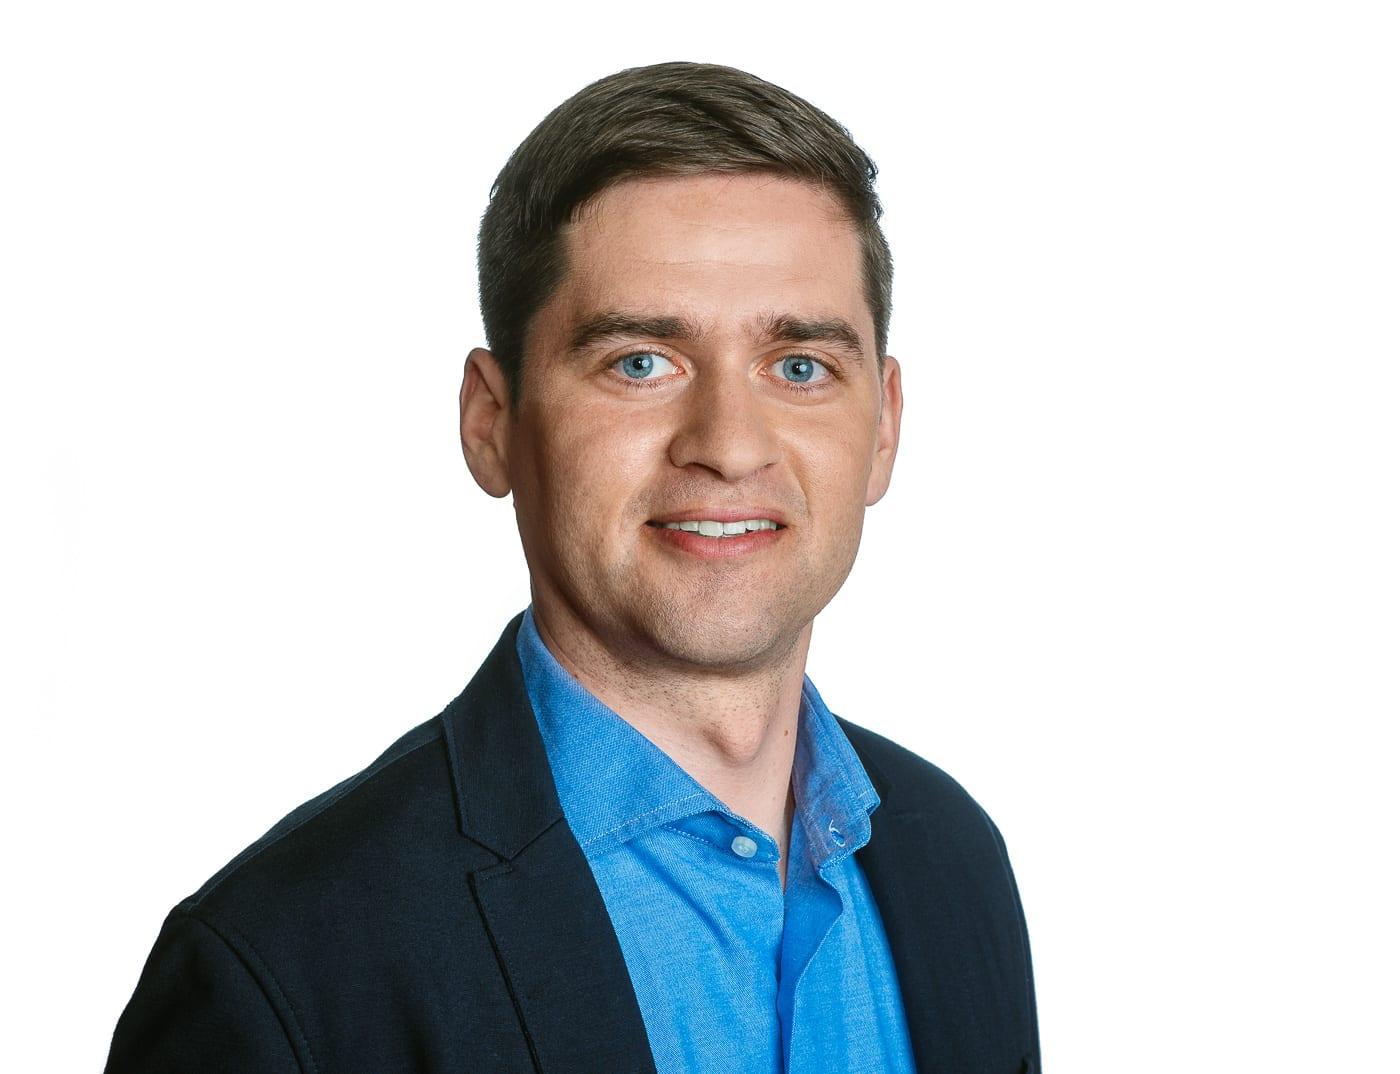 Ing. Lukáš Novák